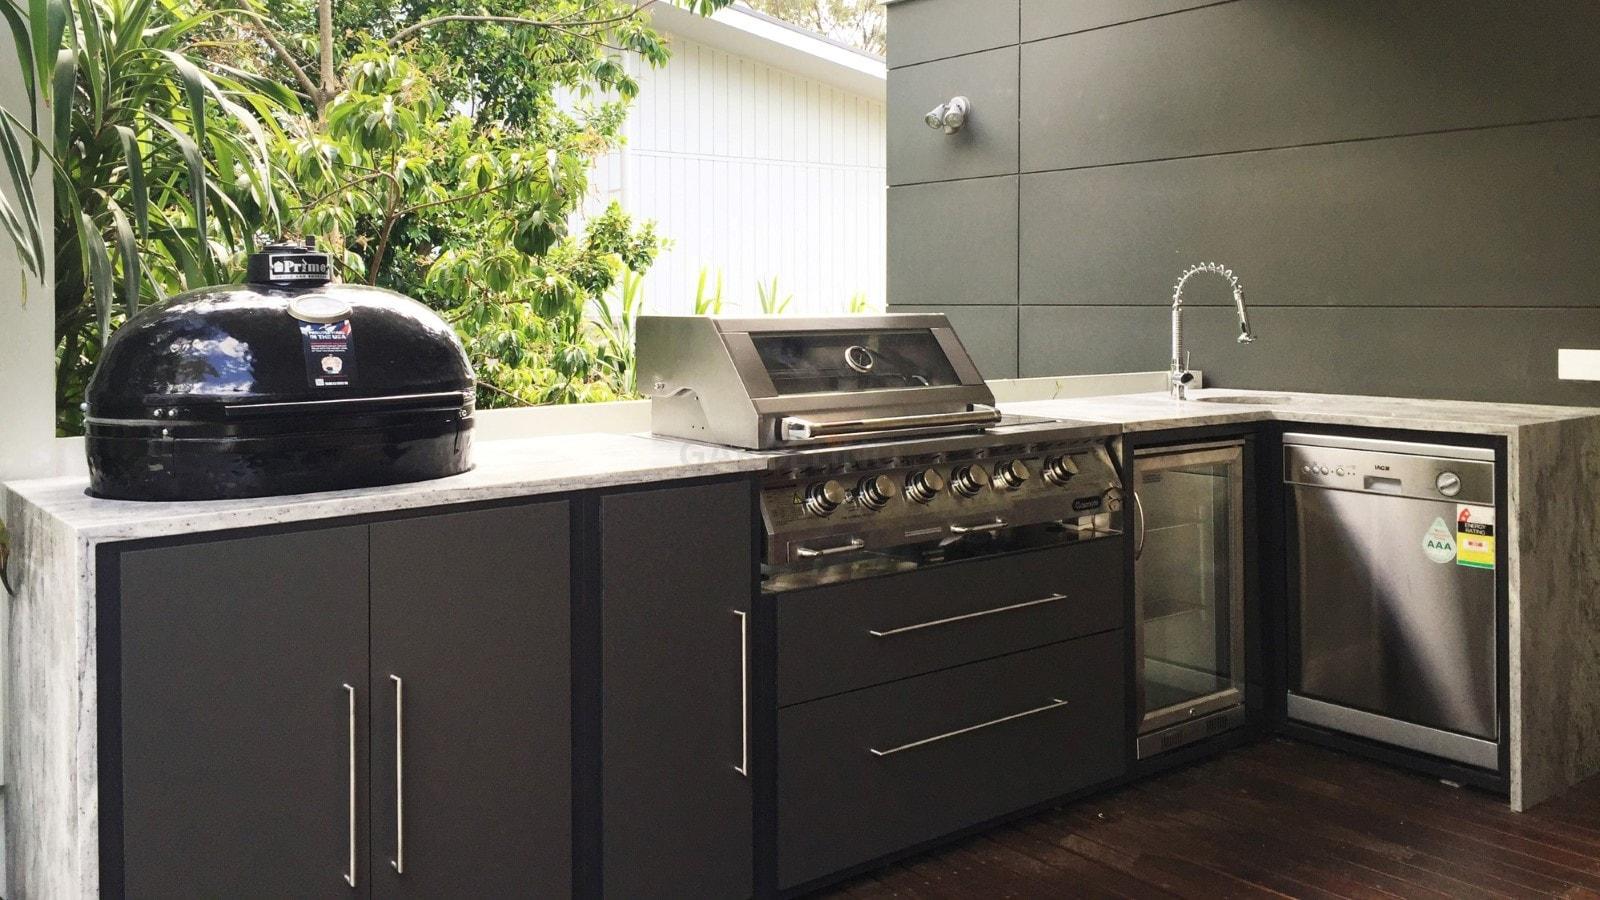 Einbau Gasgrill Outdoor Küche : Landmann outdoor küche graues geflochtenes gartensofa von